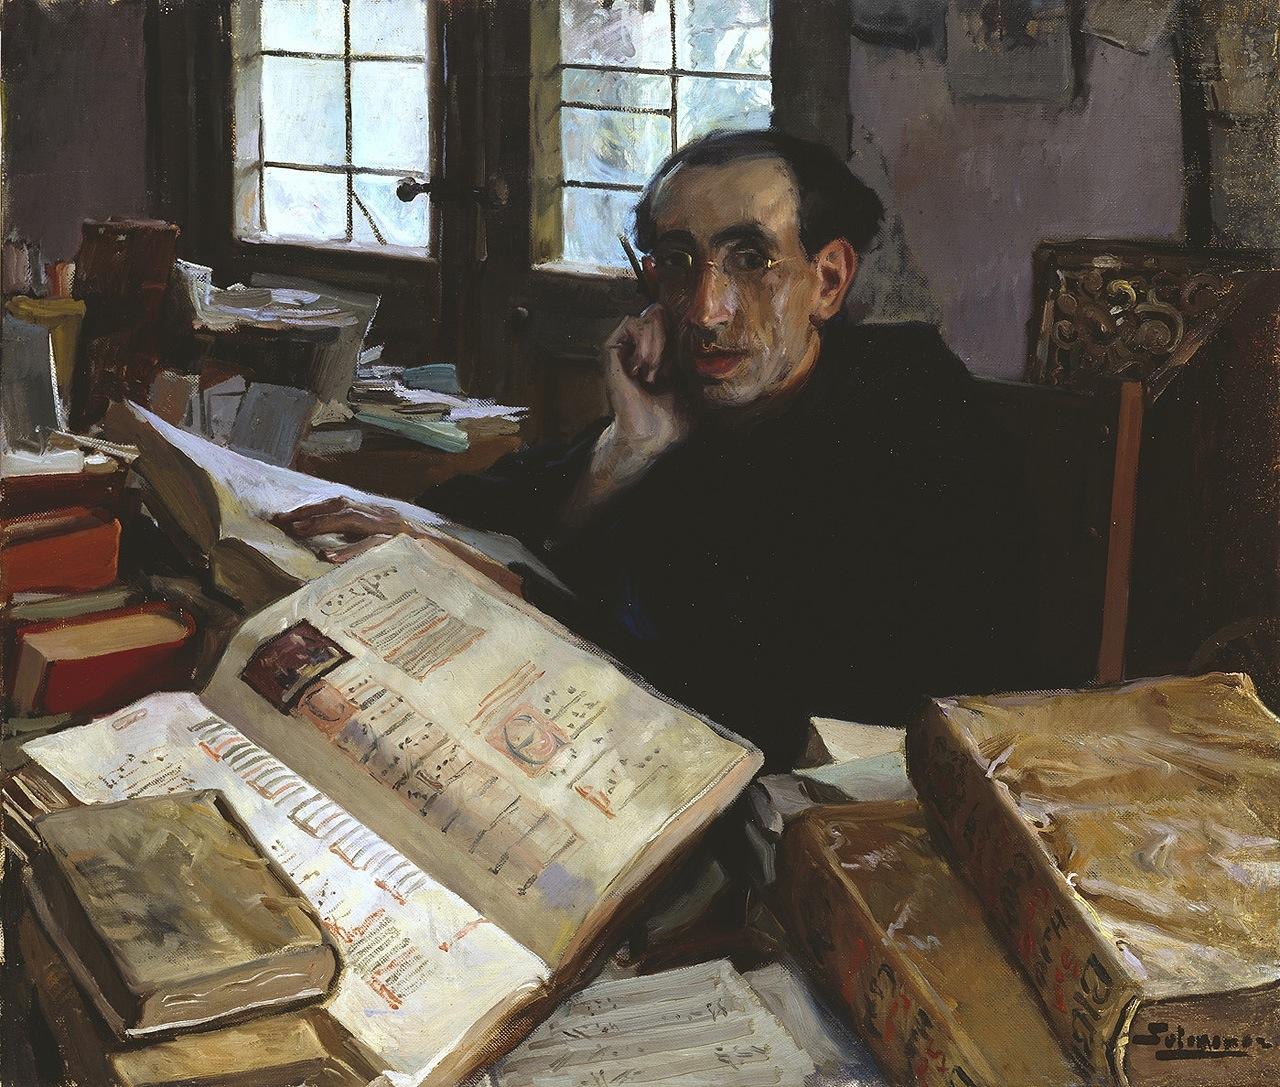 Fernando Álvarez de Sotomayor y Zaragoza (Spanish, 1875-1960) Retrato del padre Villalba (Portrait of Father Villalba) 86 X 100 cm. Museo Nacional del Prado, Madrid.